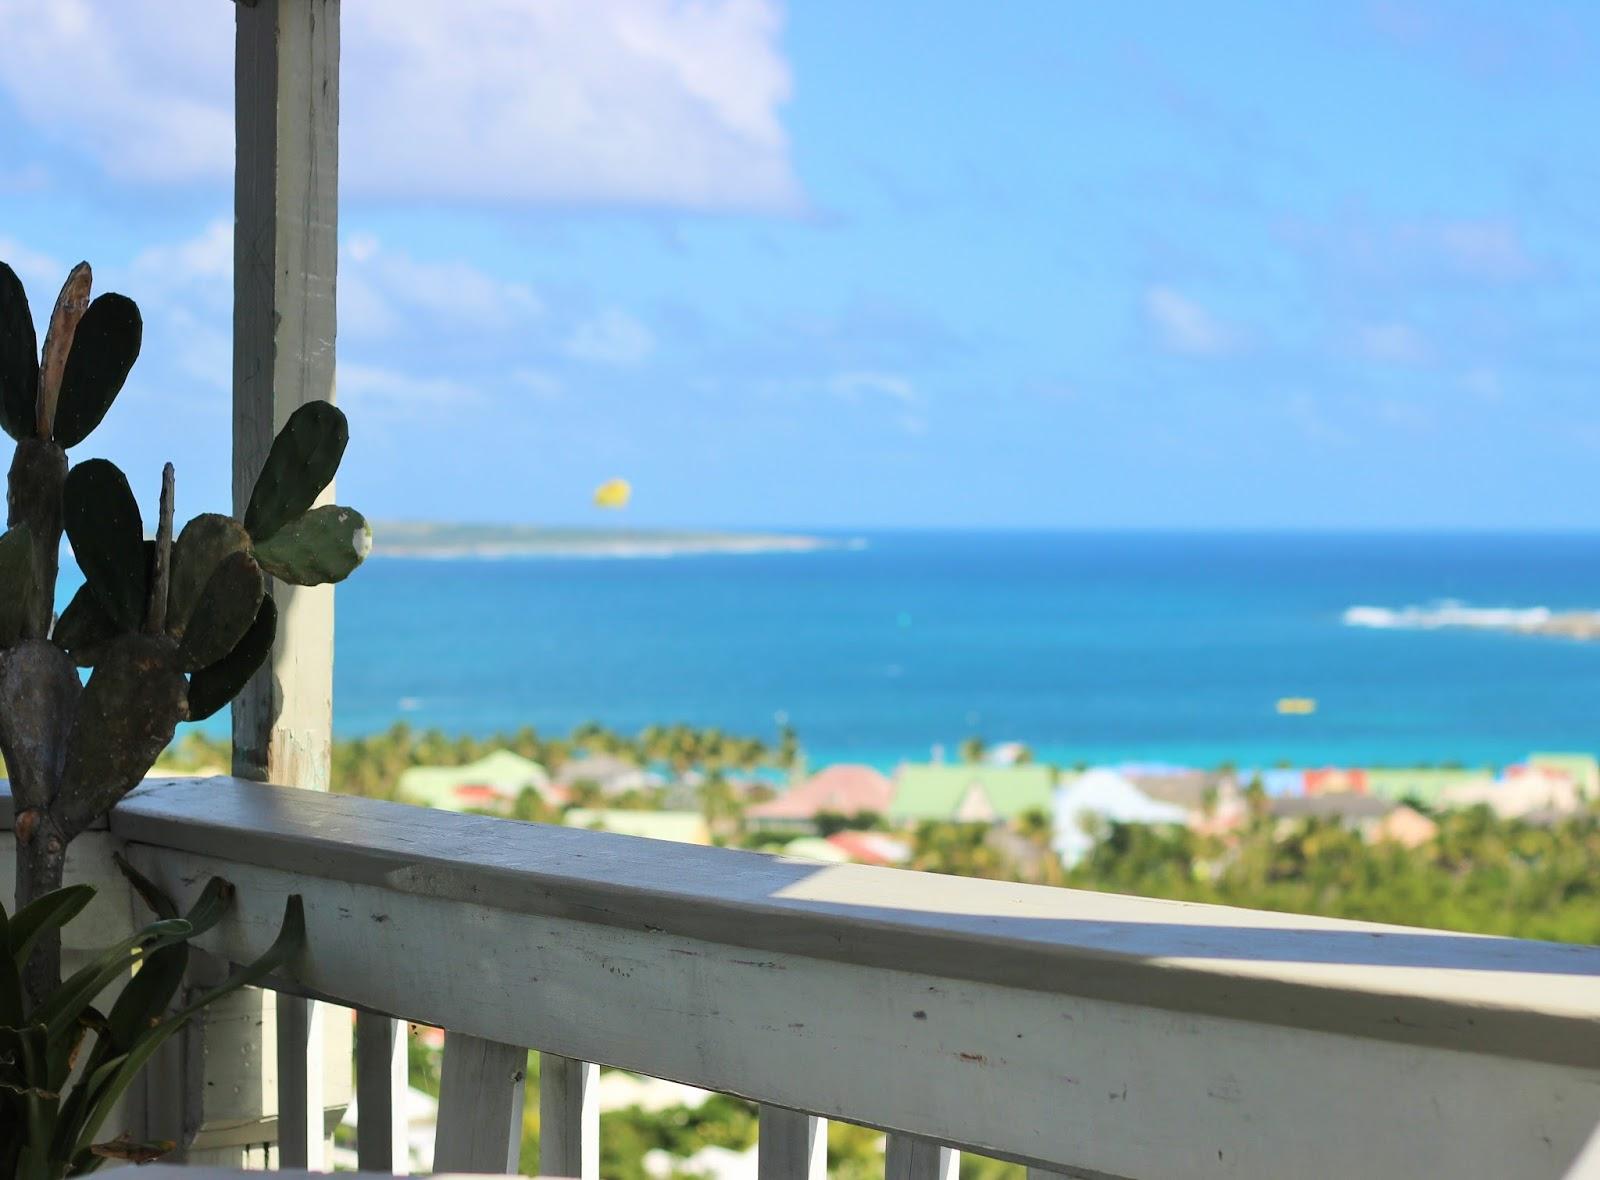 Paradise View Crêperie in Sint Maarten